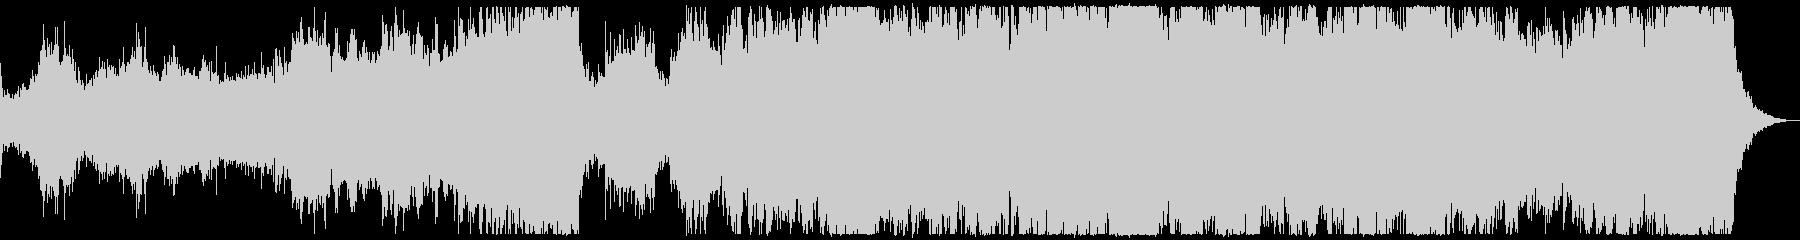 迫り来る混沌の闇 オーケストラ SE抜きの未再生の波形